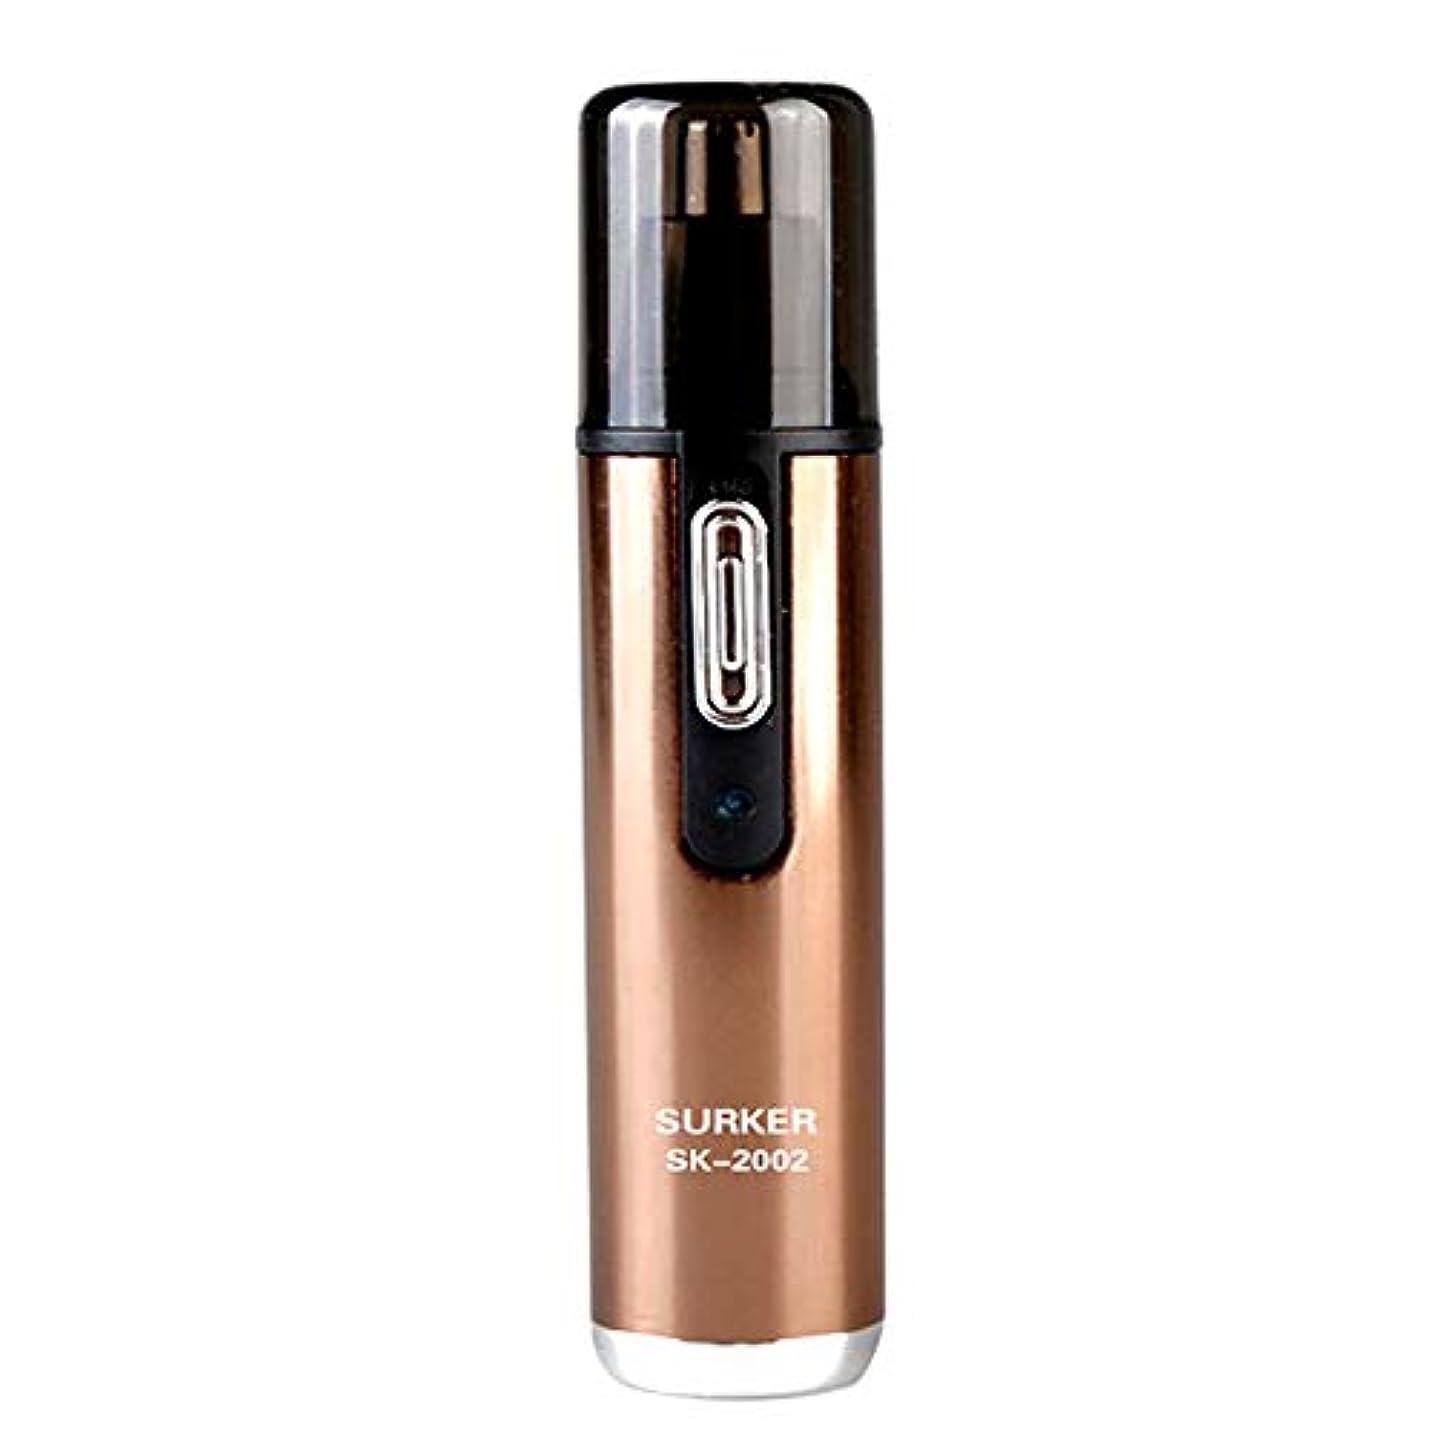 国民義務のヒープ鼻のヘアトリマーは使いやすいです男性と女性のための50 dB以下の内部360°回転でノイズのある明るいLEDライトで、保護カバーで掃除しやすいです